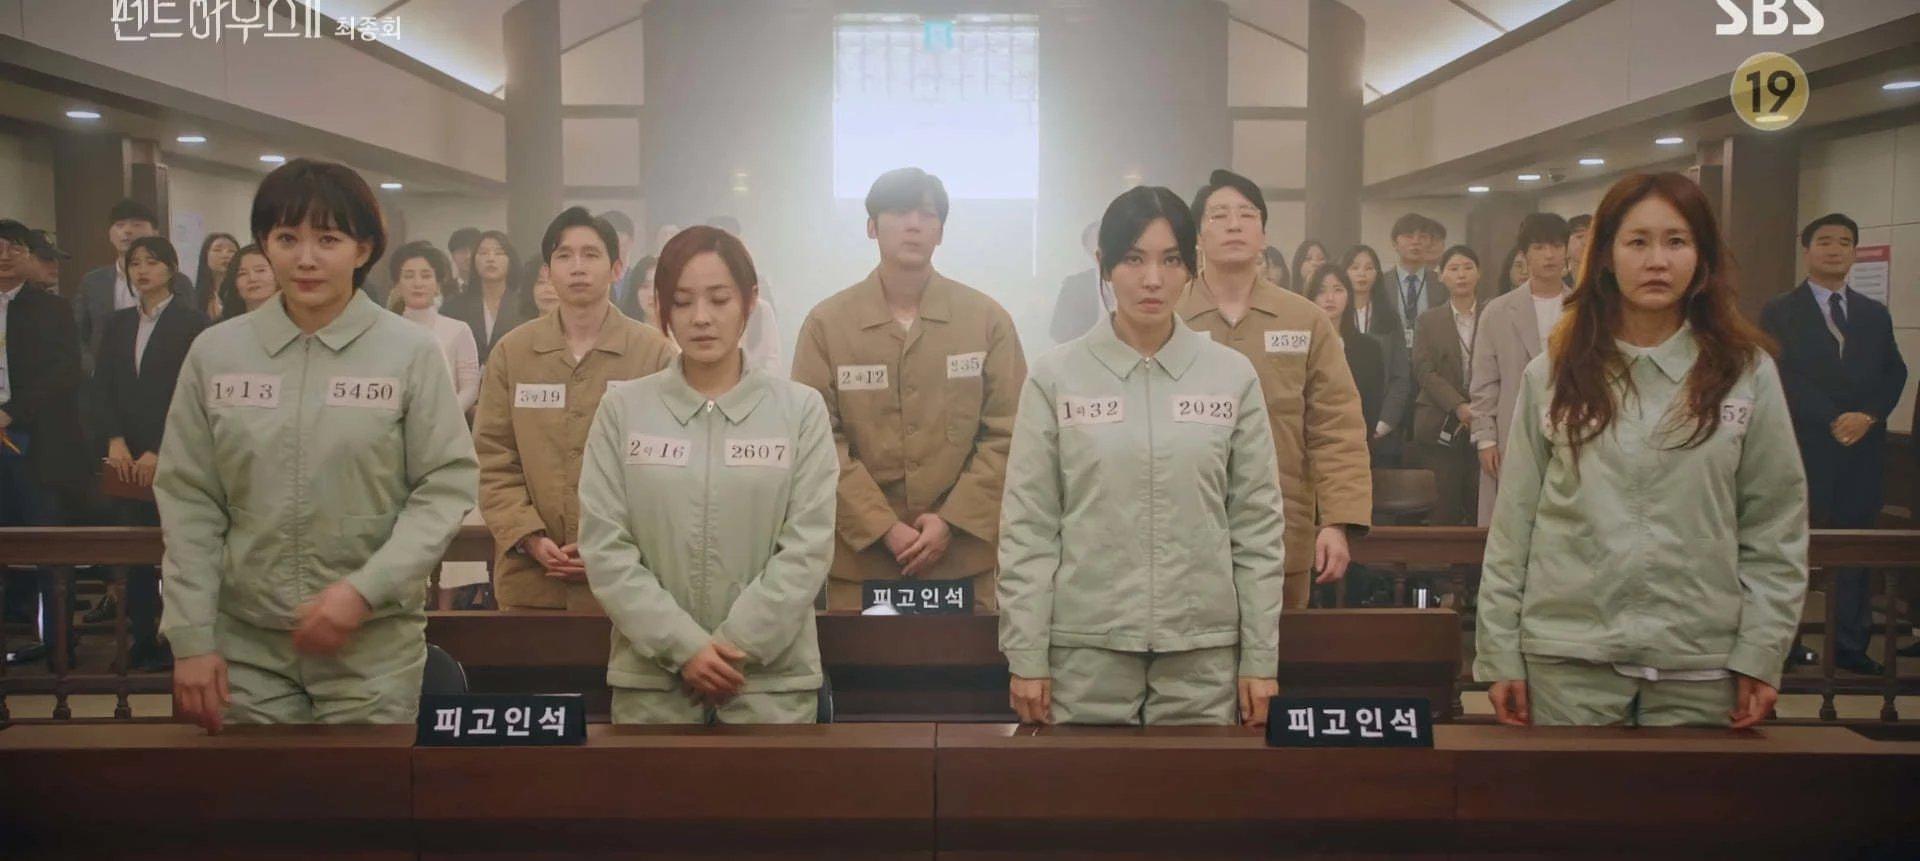 """천서진 기존 죄수 번호 """"2023"""" / SBS """"펜트하우스 2"""""""